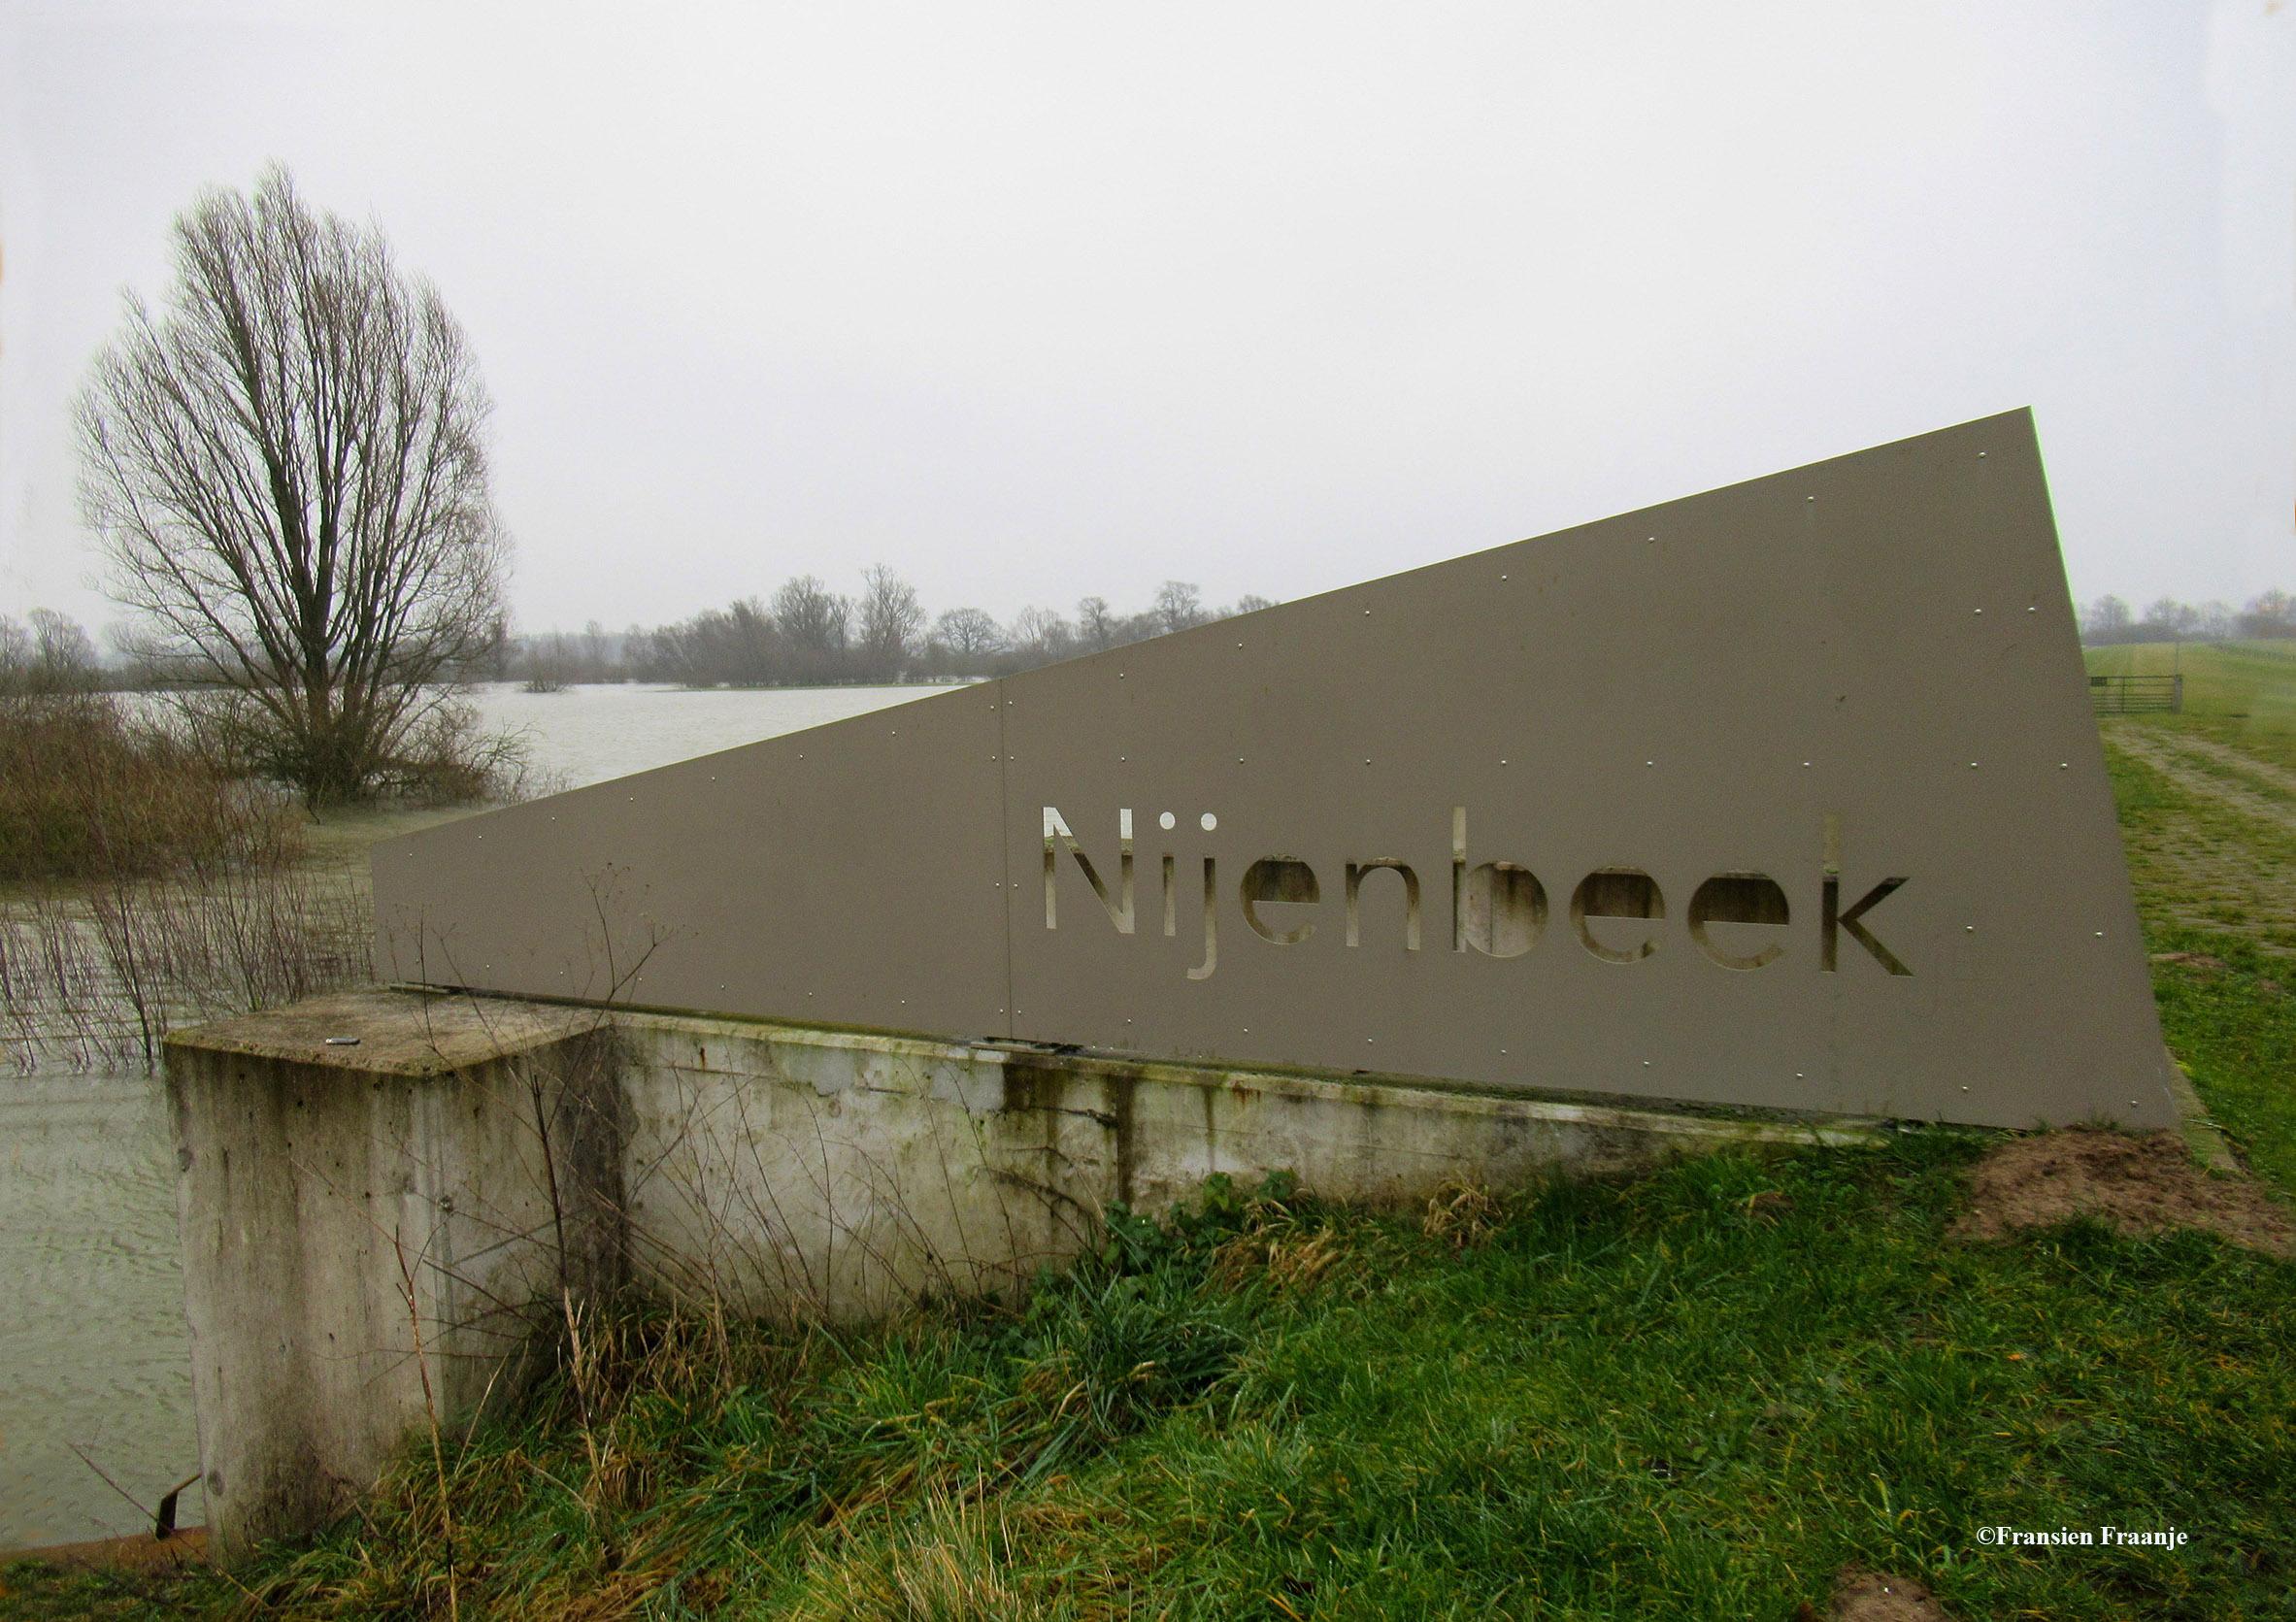 """We starten bij het Gemaal Nijenbeek. In het midden van de jaren 70 van de vorige eeuw is er een dijk en een gemaal gebouwd om de Voorsterbeek op peil te houden. In 2016 is er een gemaal gereed gekomen om het gebied dat in het kader van het project """"Ruimte voor de rivier"""" onder kan lopen, weer kan droog leggen als het waterpeil in de IJssel zakt. - Foto: ©Fransien Fraanje"""